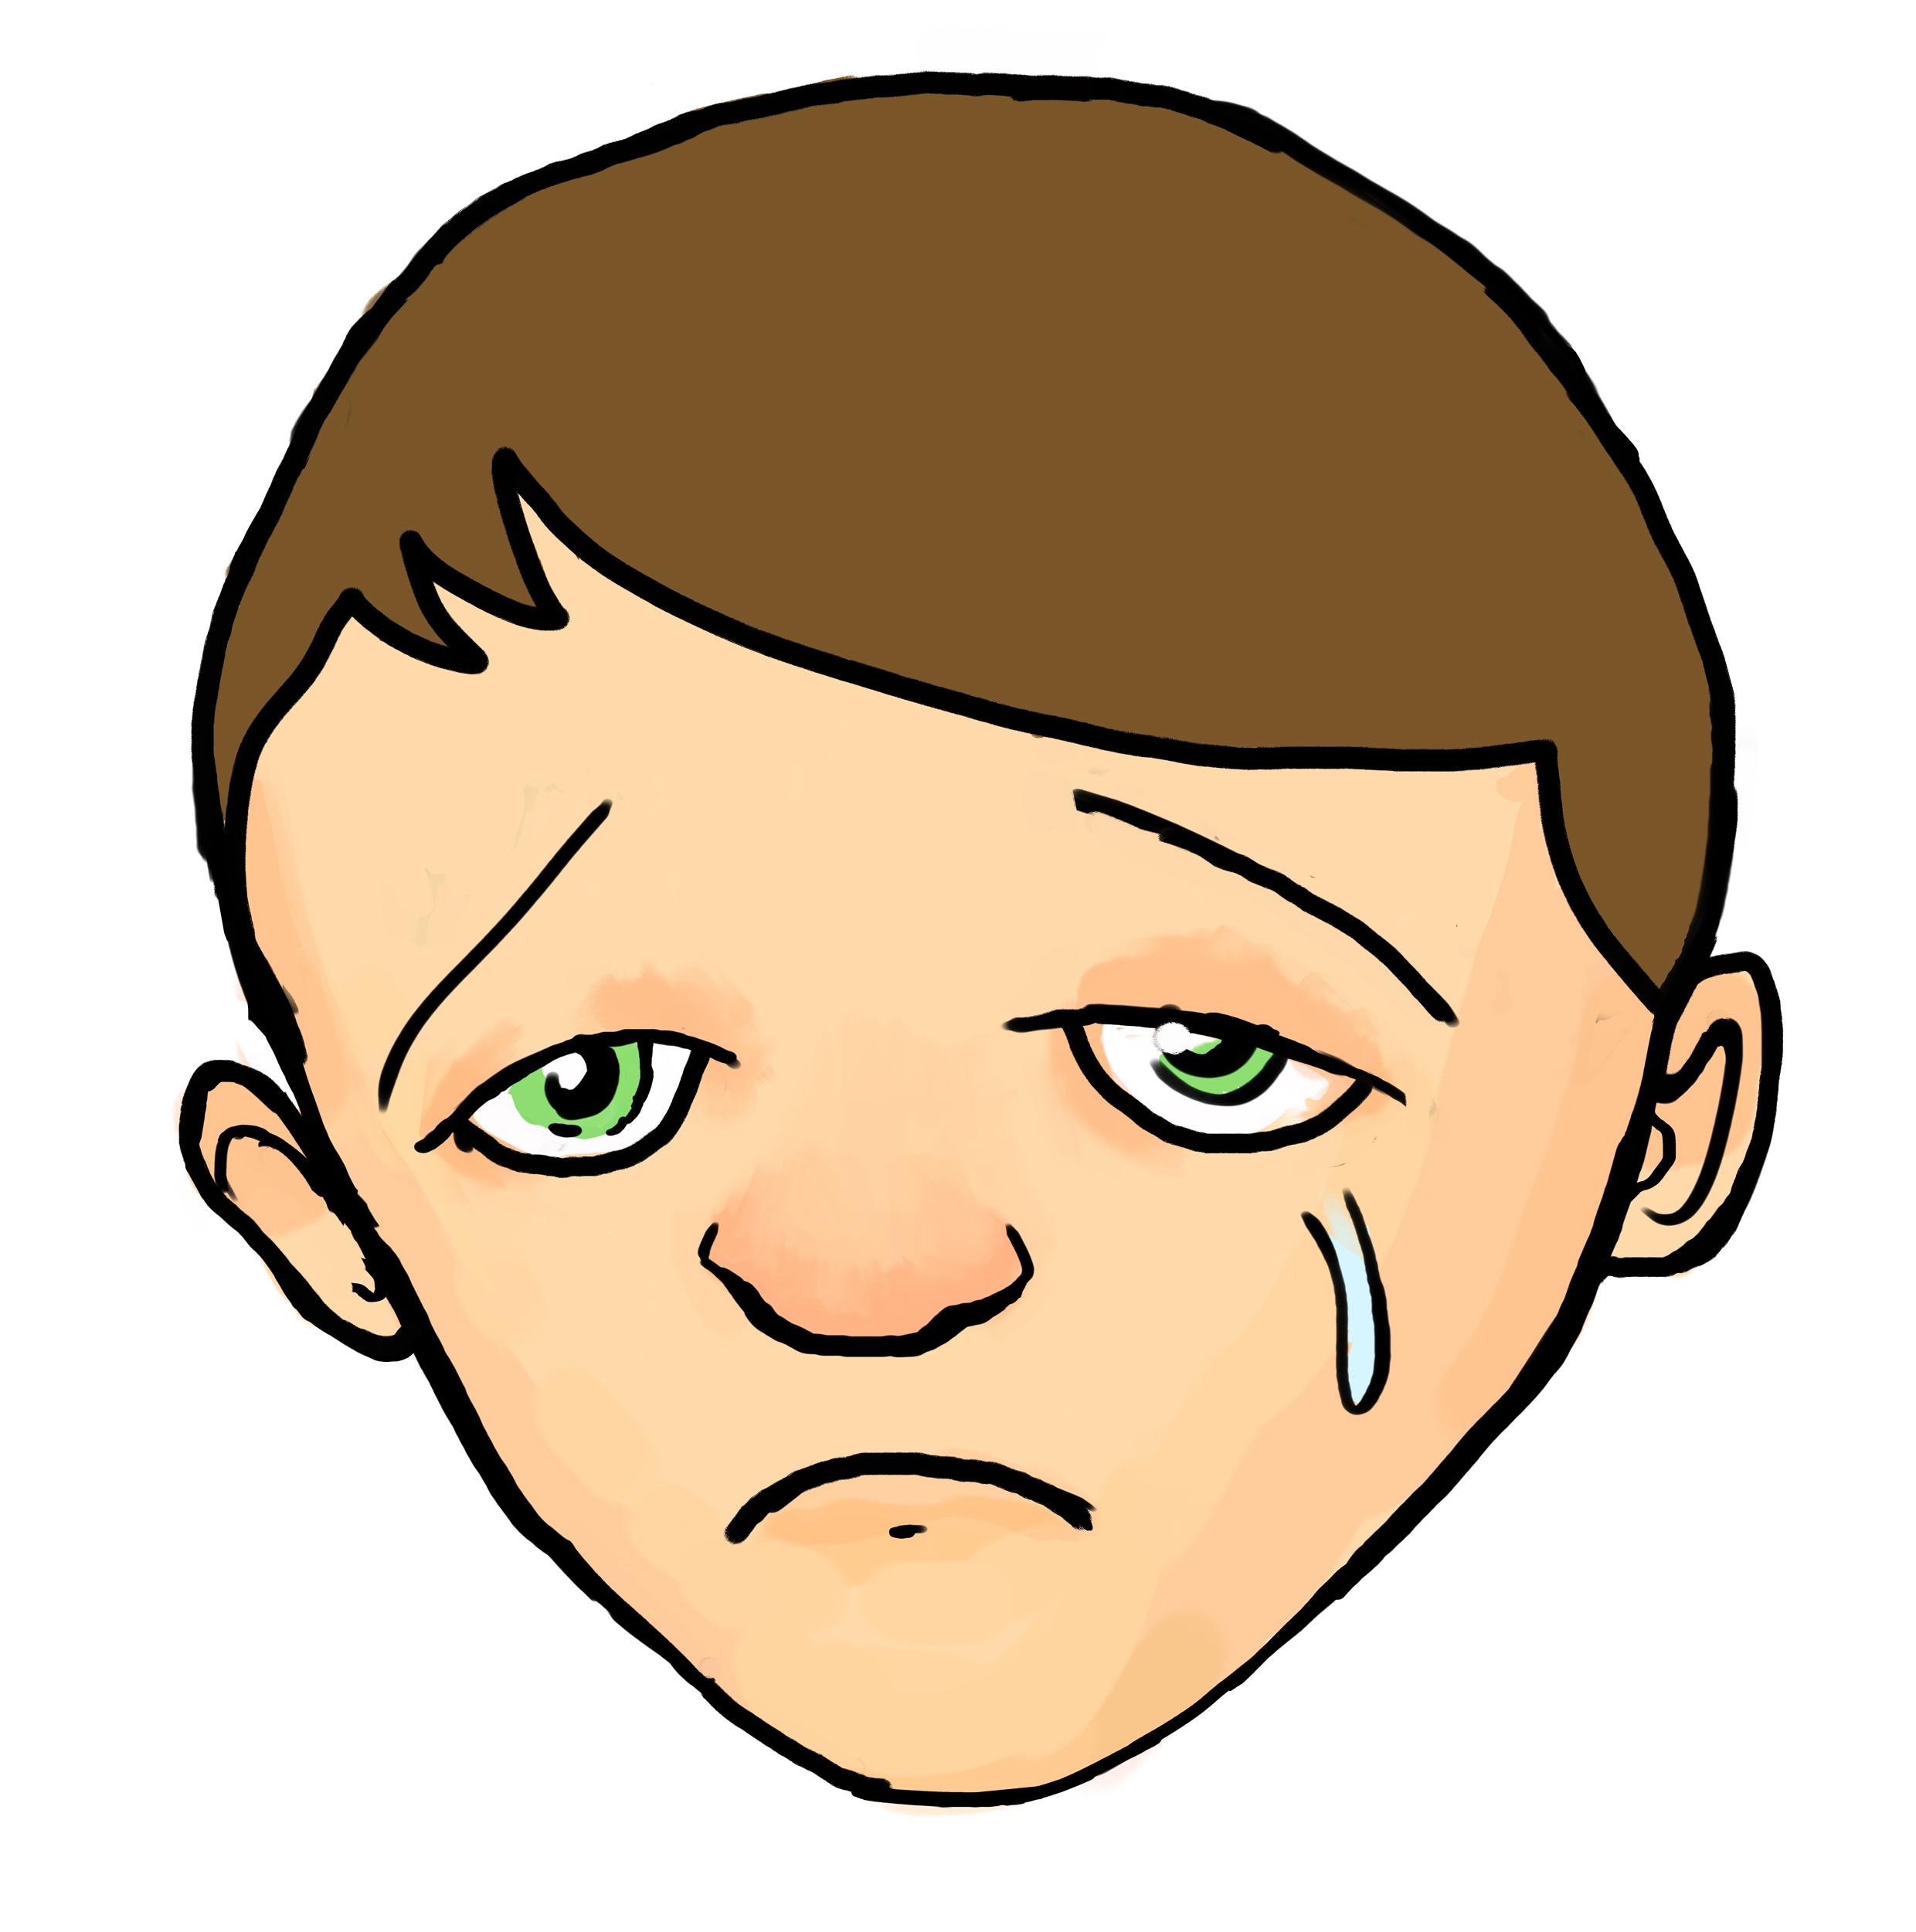 Sad emoji kid. Boy clipart free download